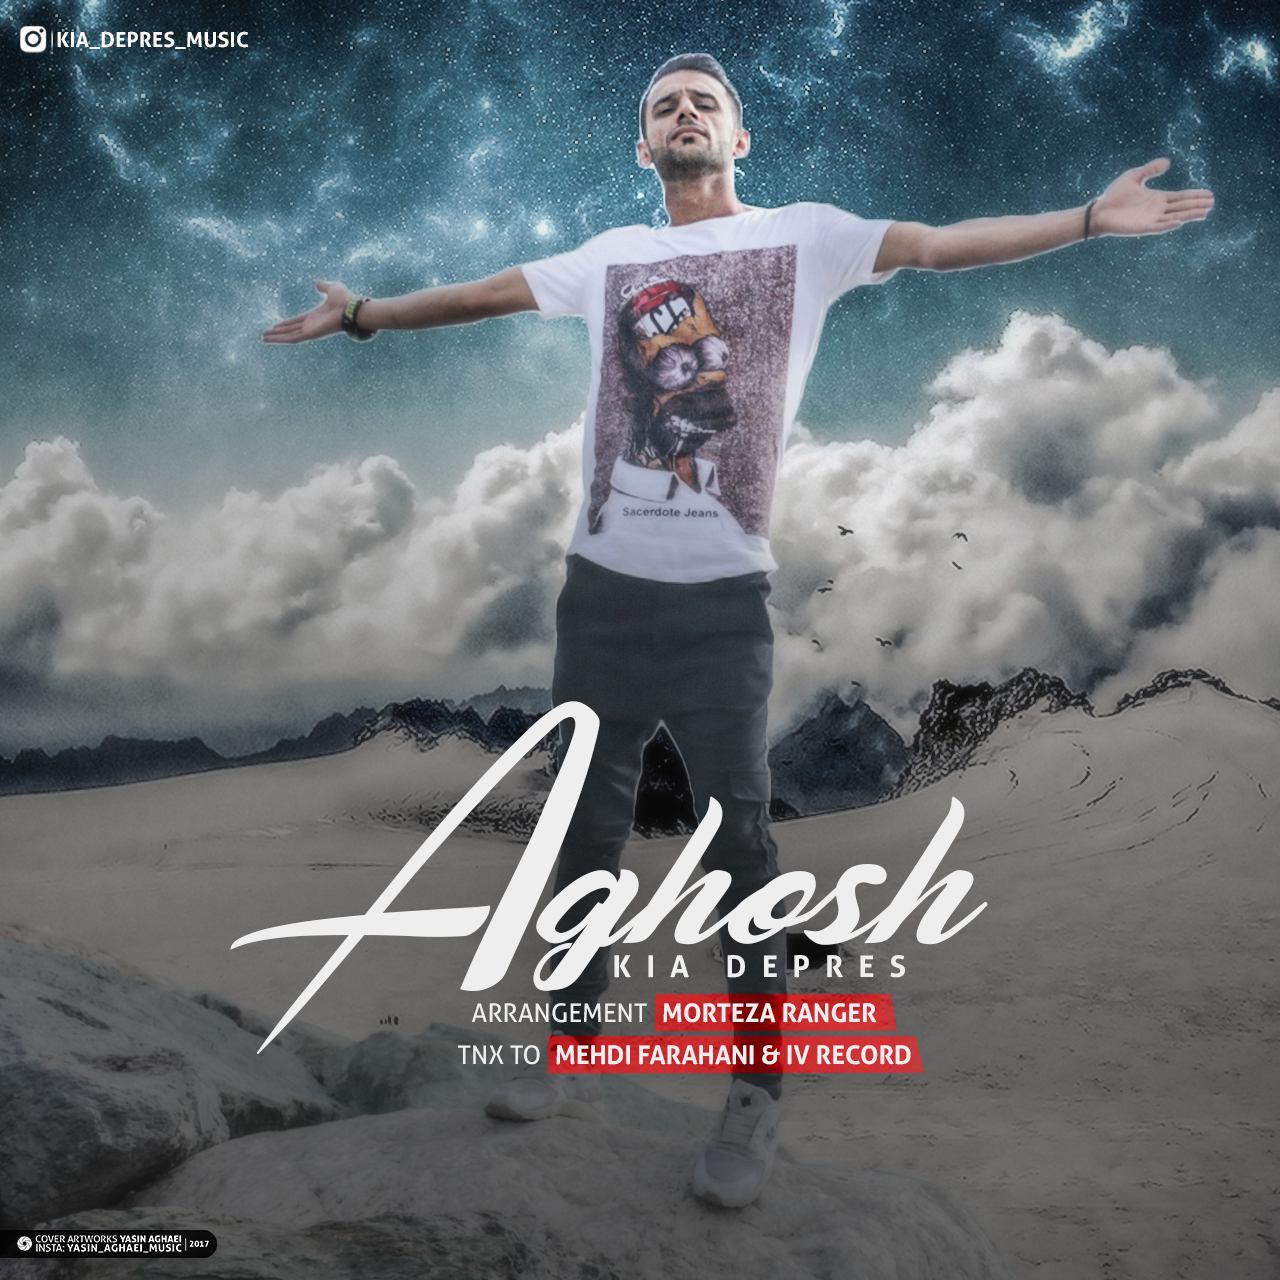 Kia Depres – Aghosh